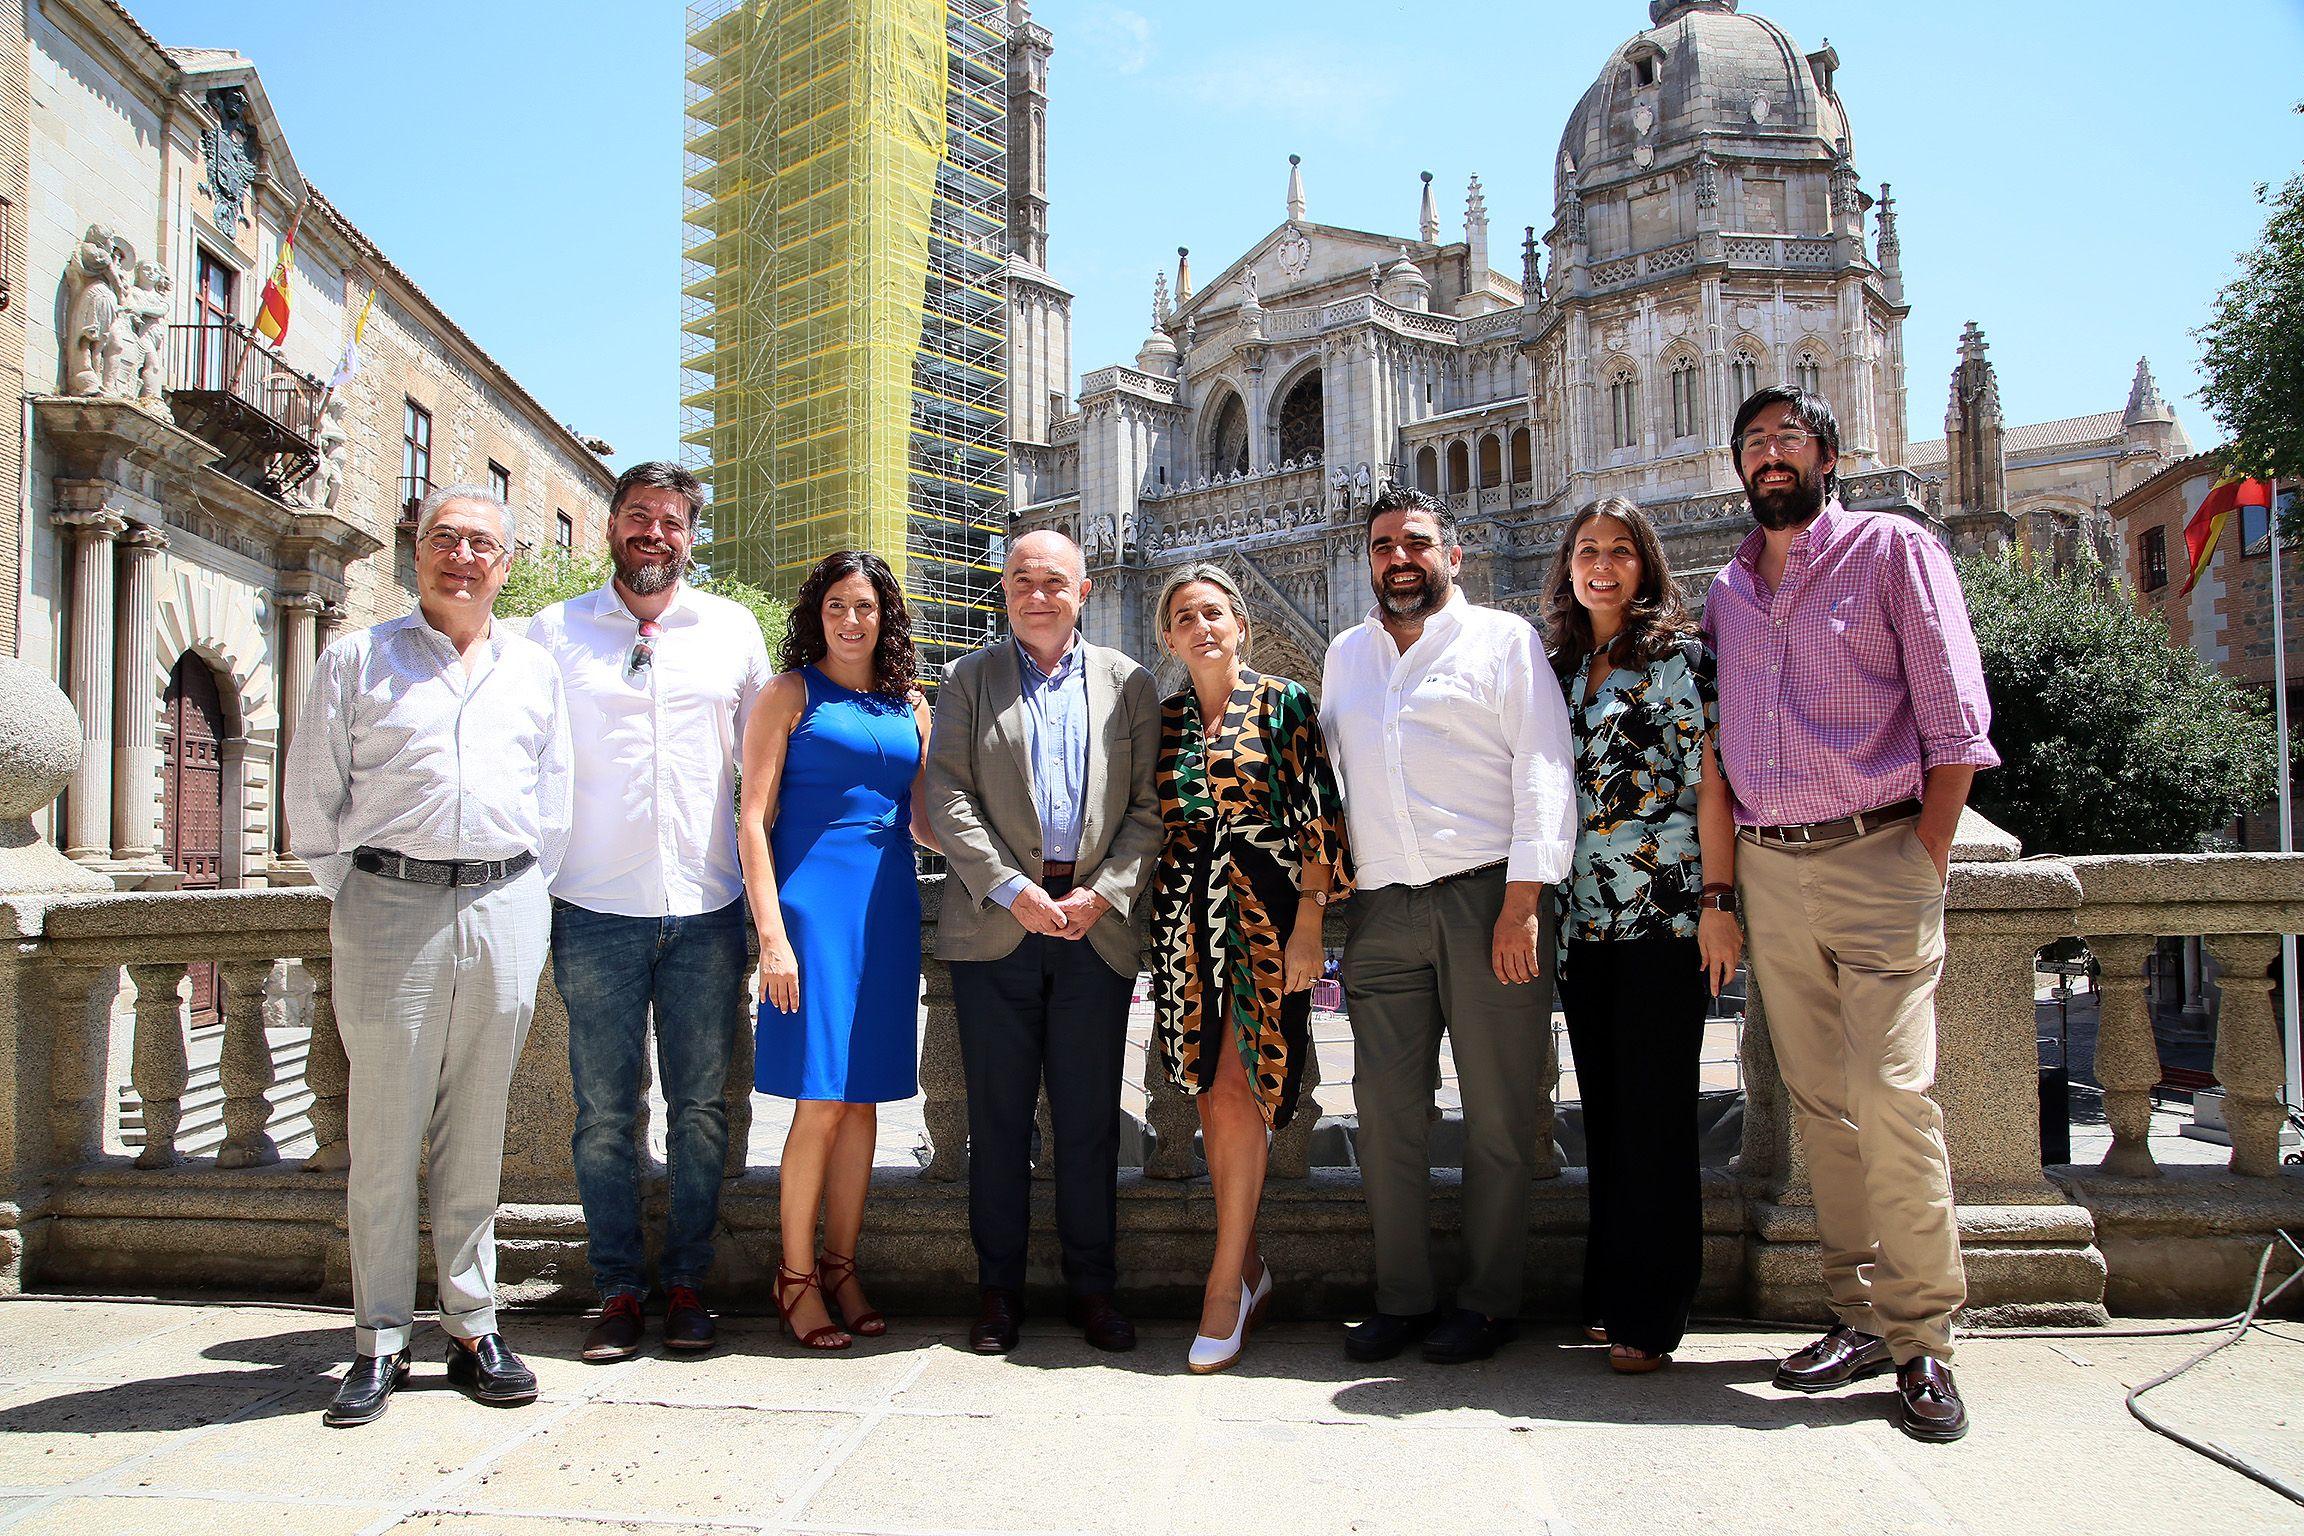 La alcaldesa recibe a la Asociación de Hostelería y Turismo para avanzar en nuevas iniciativas y afianzar el destino turístico 'Toledo'